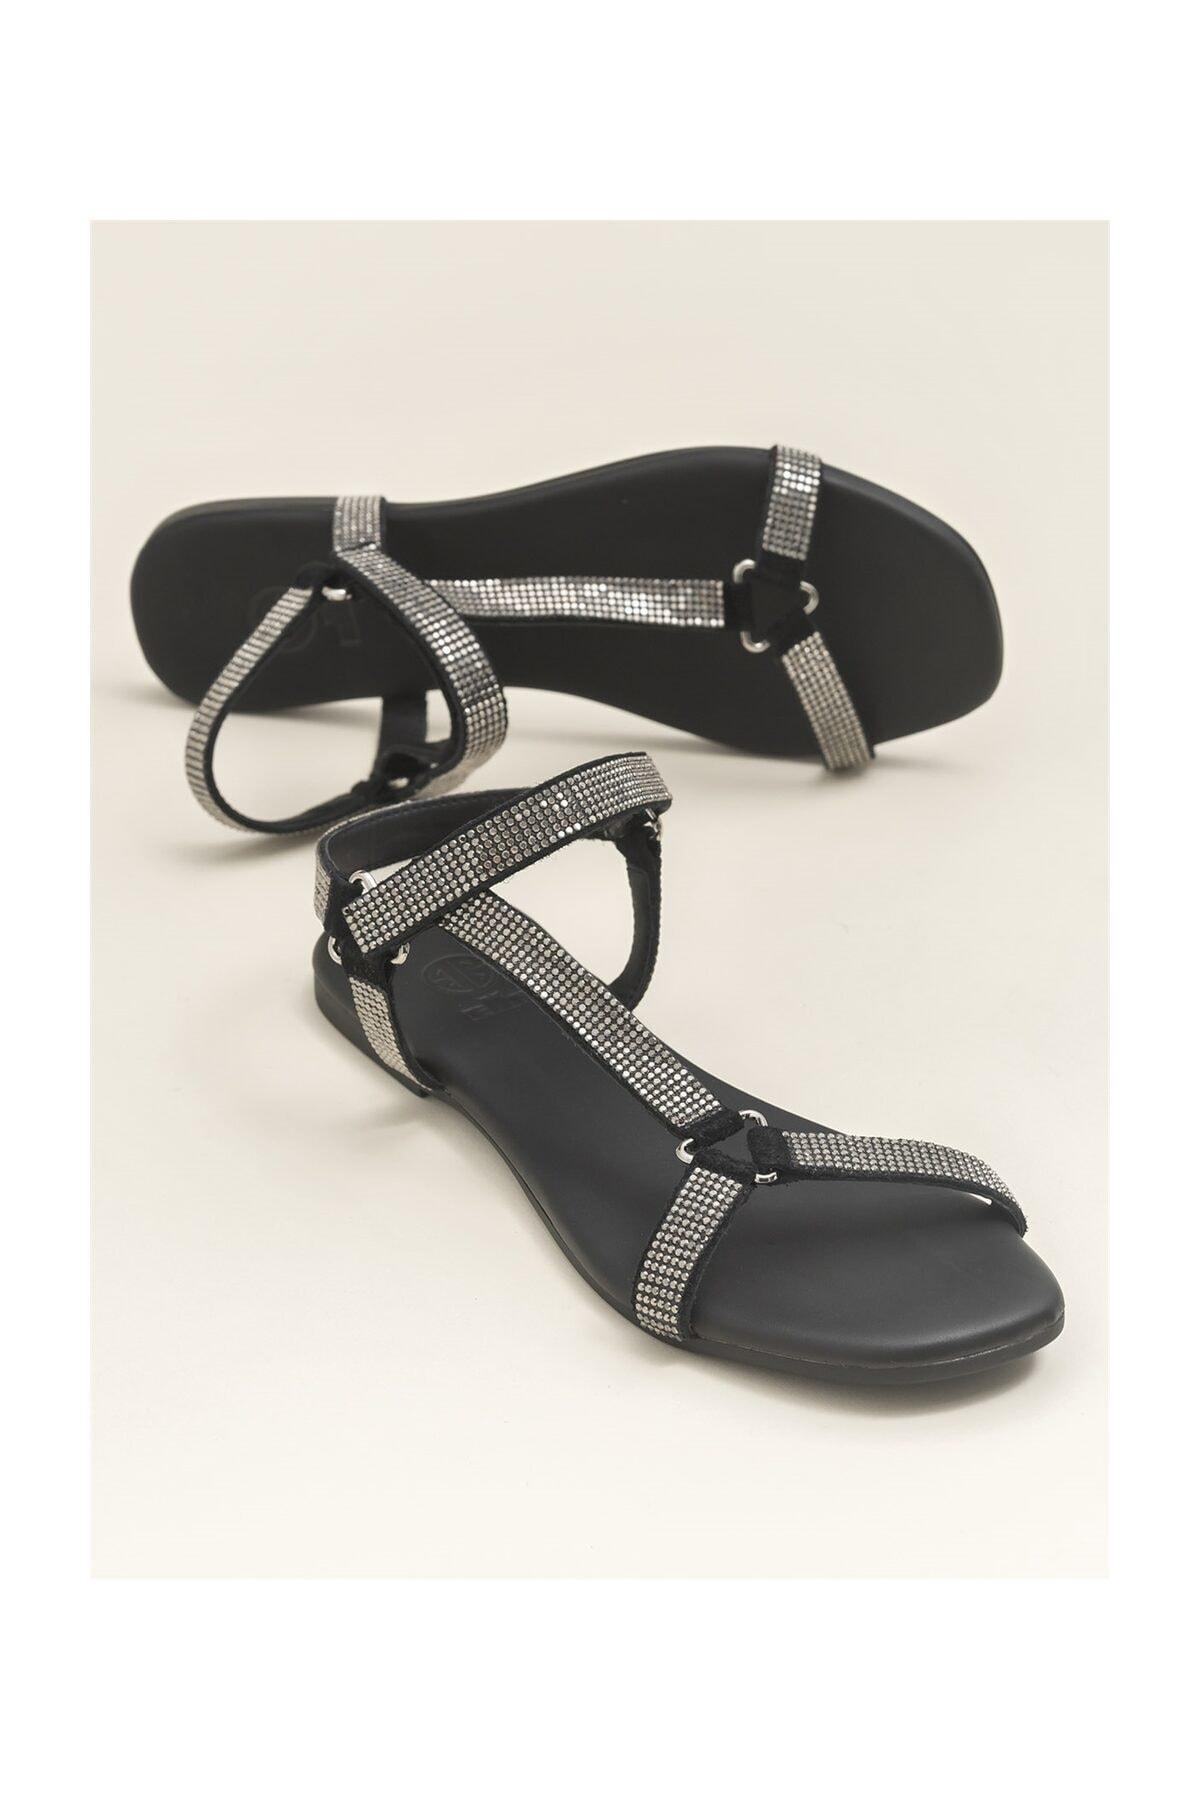 Elle Shoes Sanne Kadın Sandalet 1